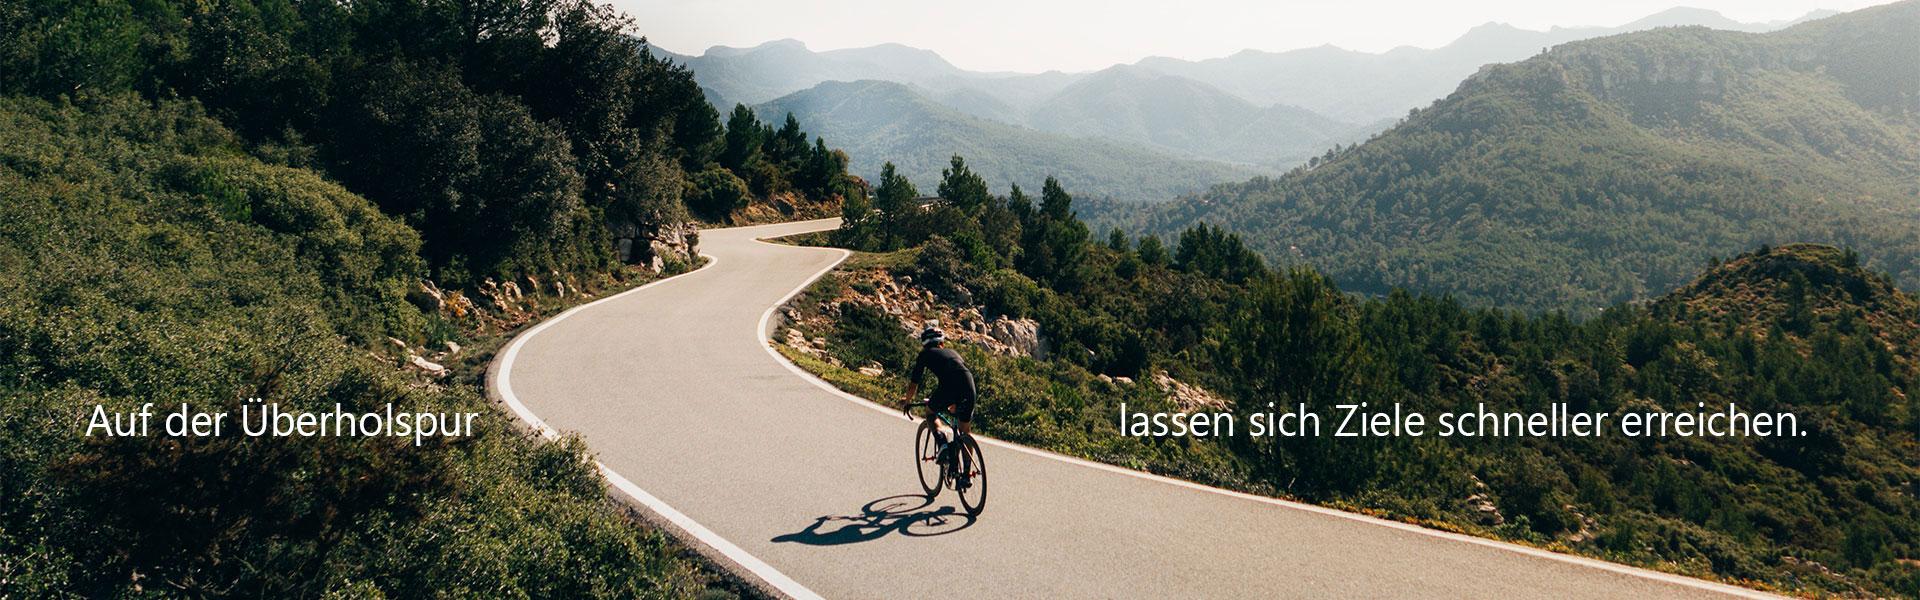 Auf der Überholspur lassen sich Ziele schneller erreichen.